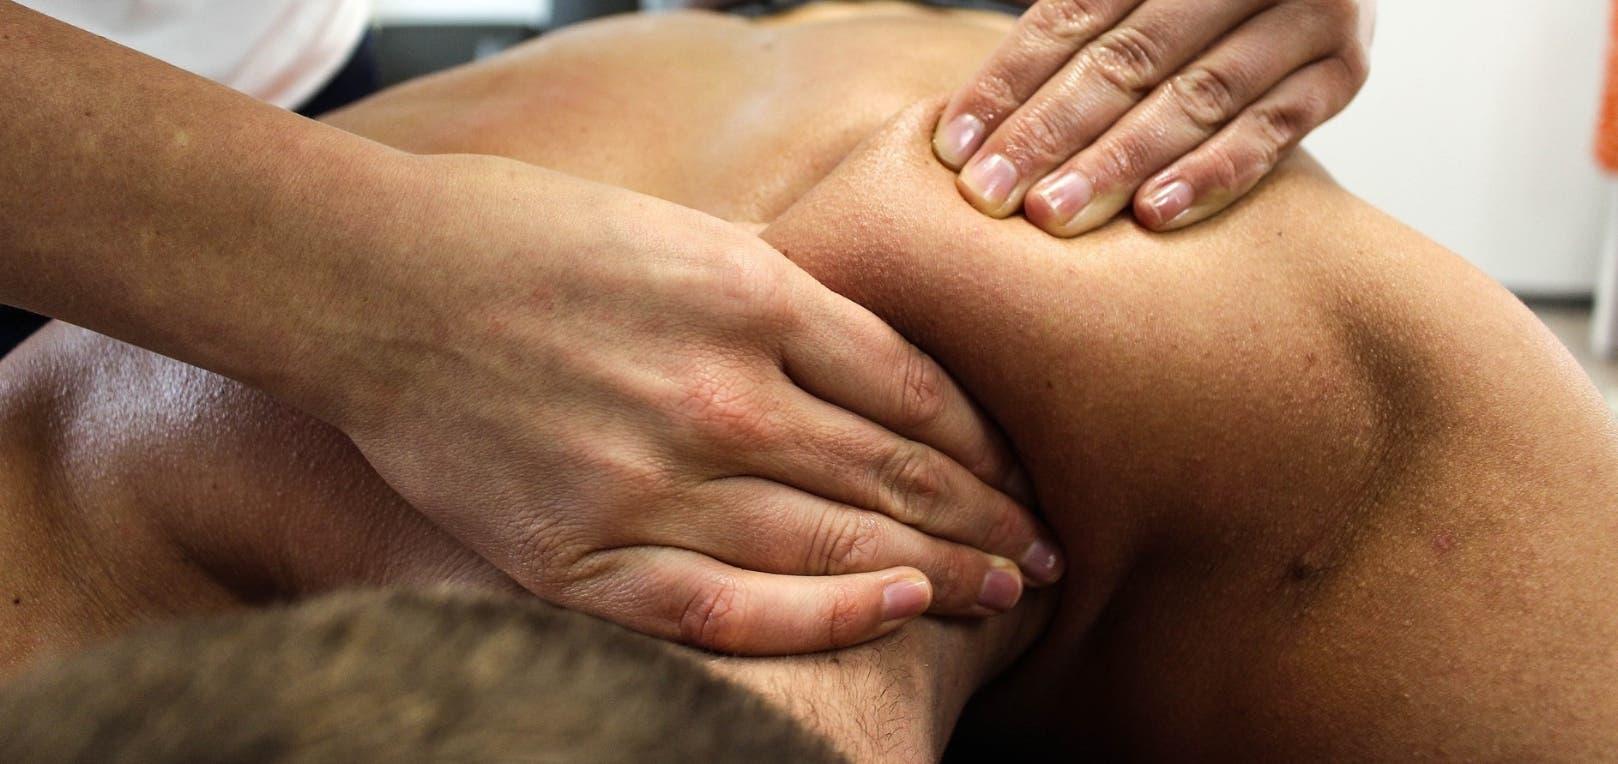 Terapia que alivia el dolor de la espalda y cuello debido al estrés